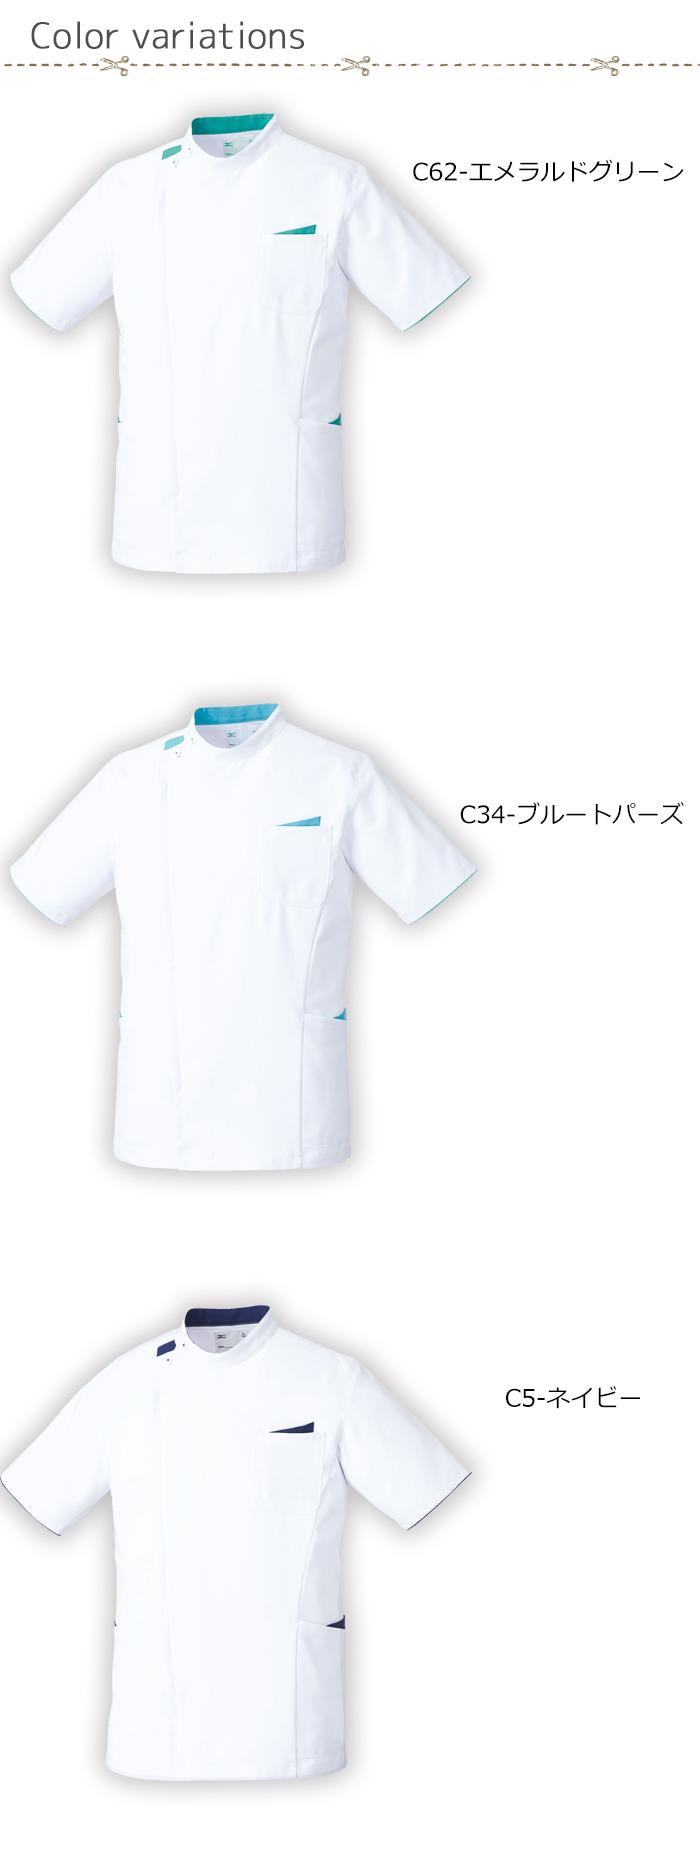 MZ0161 カーディガン 色展開画像